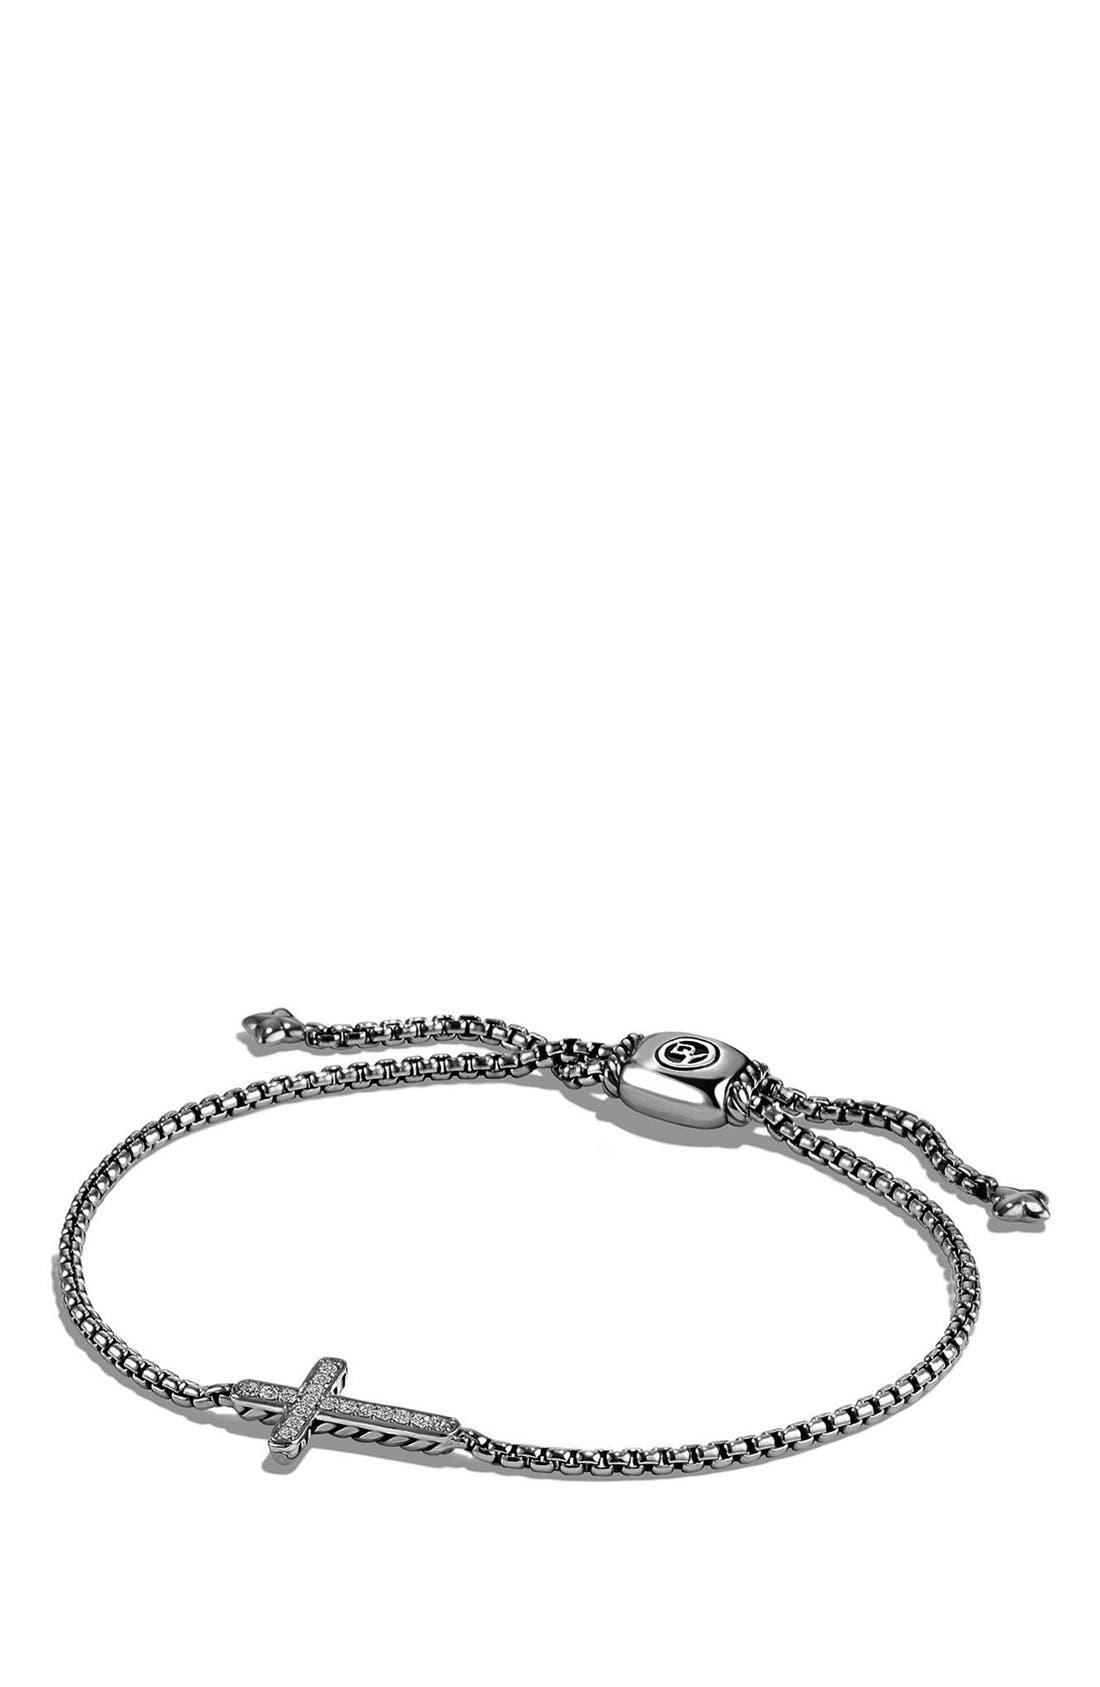 Main Image - David Yurman 'Petite Pavé' Cross Bracelet with Diamonds